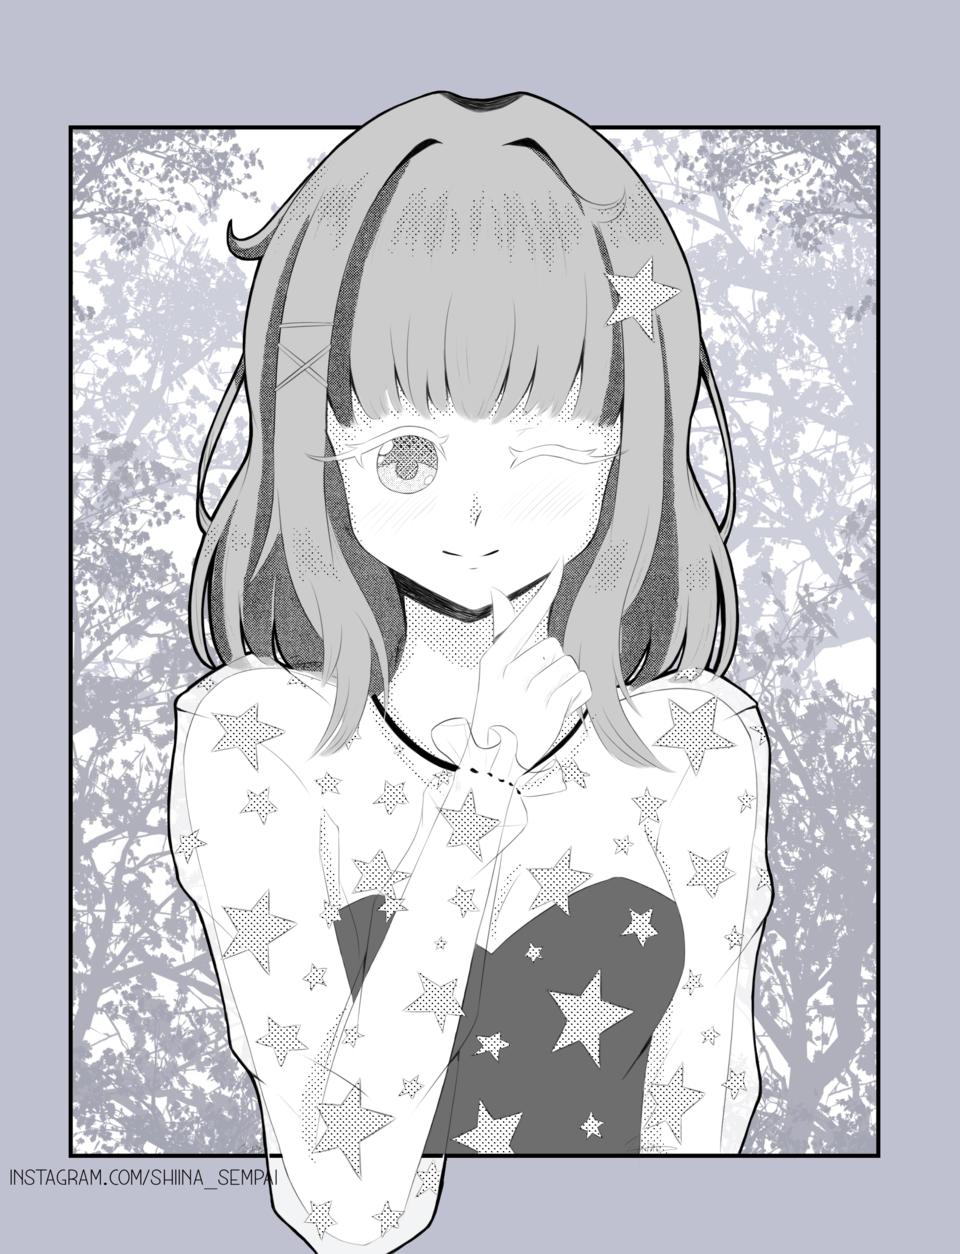 Request 2 Illust of Shiina Sempai manga screentones